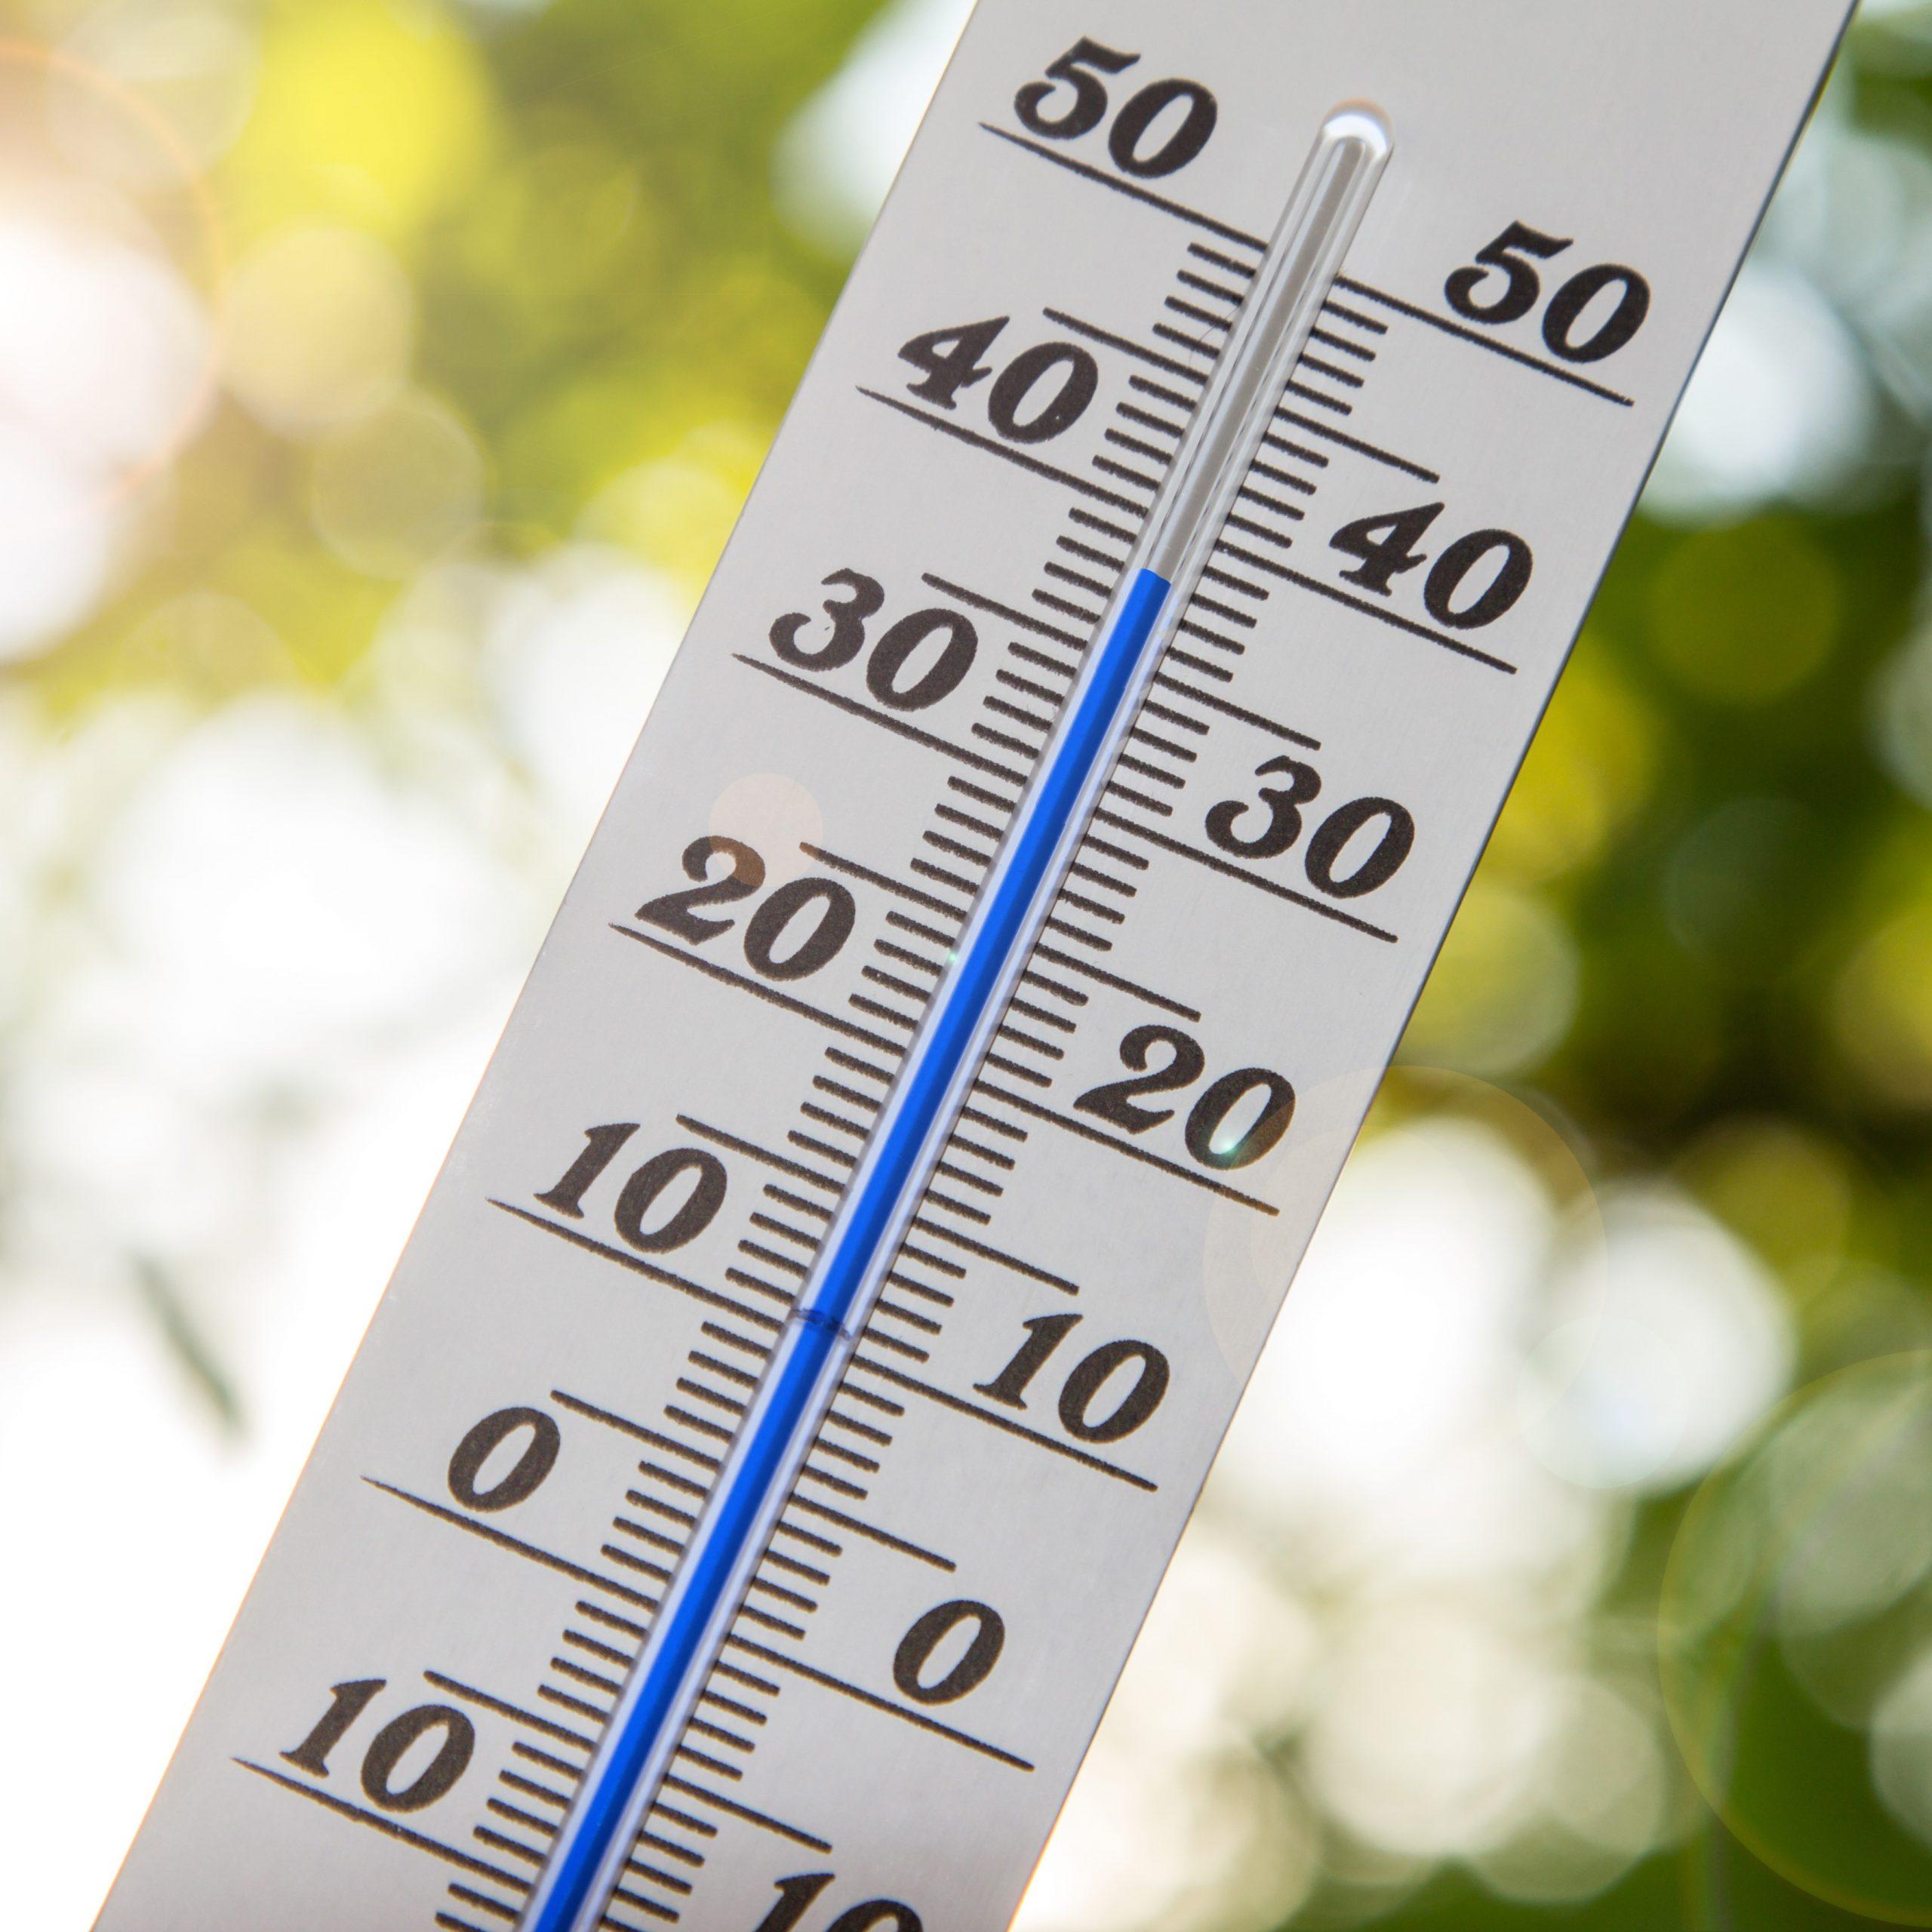 Mit den zu erwartenden steigenden Temperaturen könnte auch die Wundinfektionsrate steigen